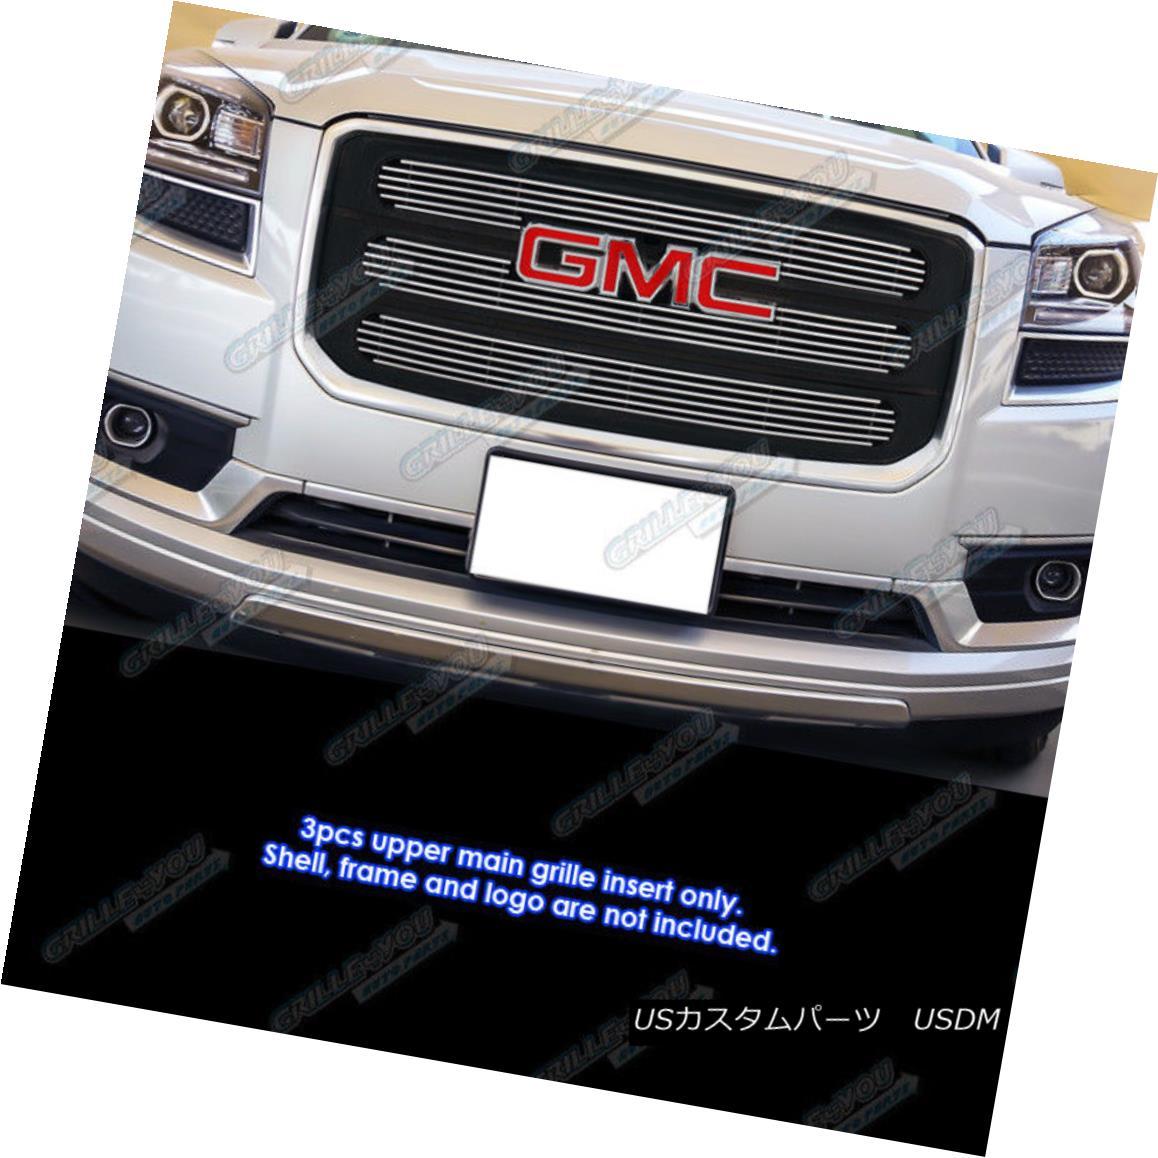 グリル Fits 2013-2016 GMC Acadia Chrome Billet Grille Insert with Logo Show 2013-2020 GMCアカディアクロムビレットグリルインサートロゴショーに適合